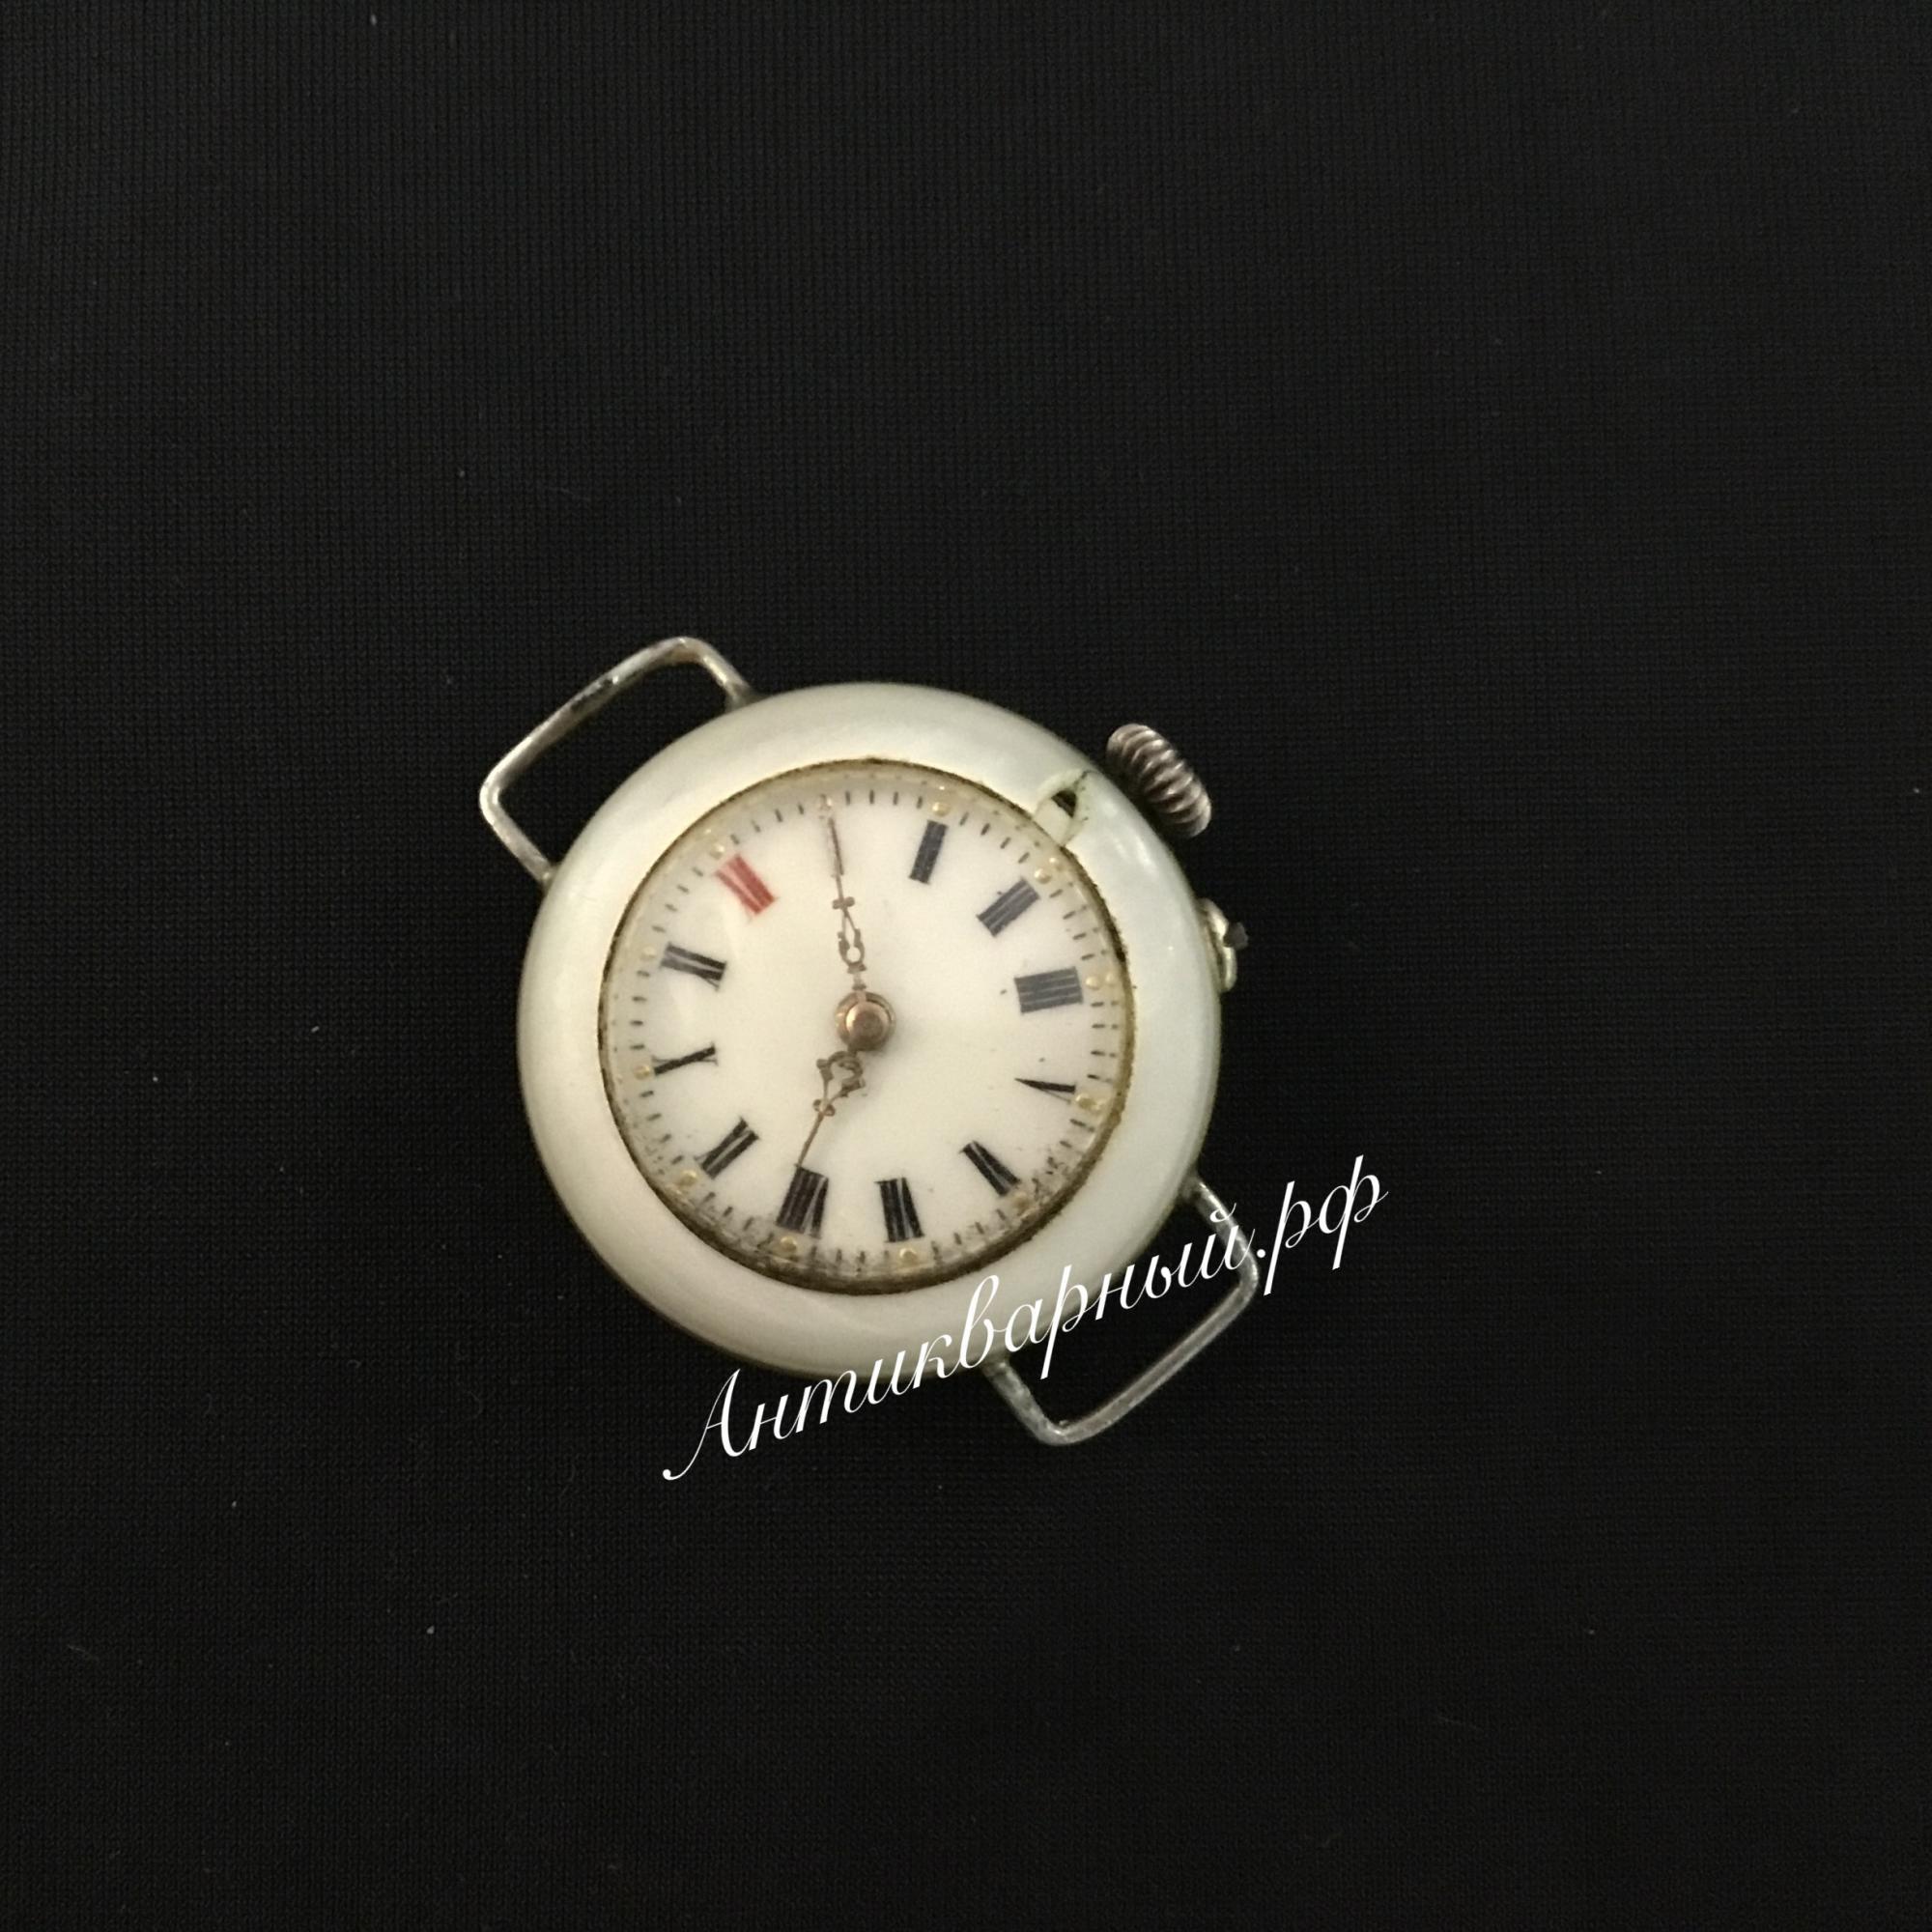 Антикварные наручные часы. Перламутровый корпус.